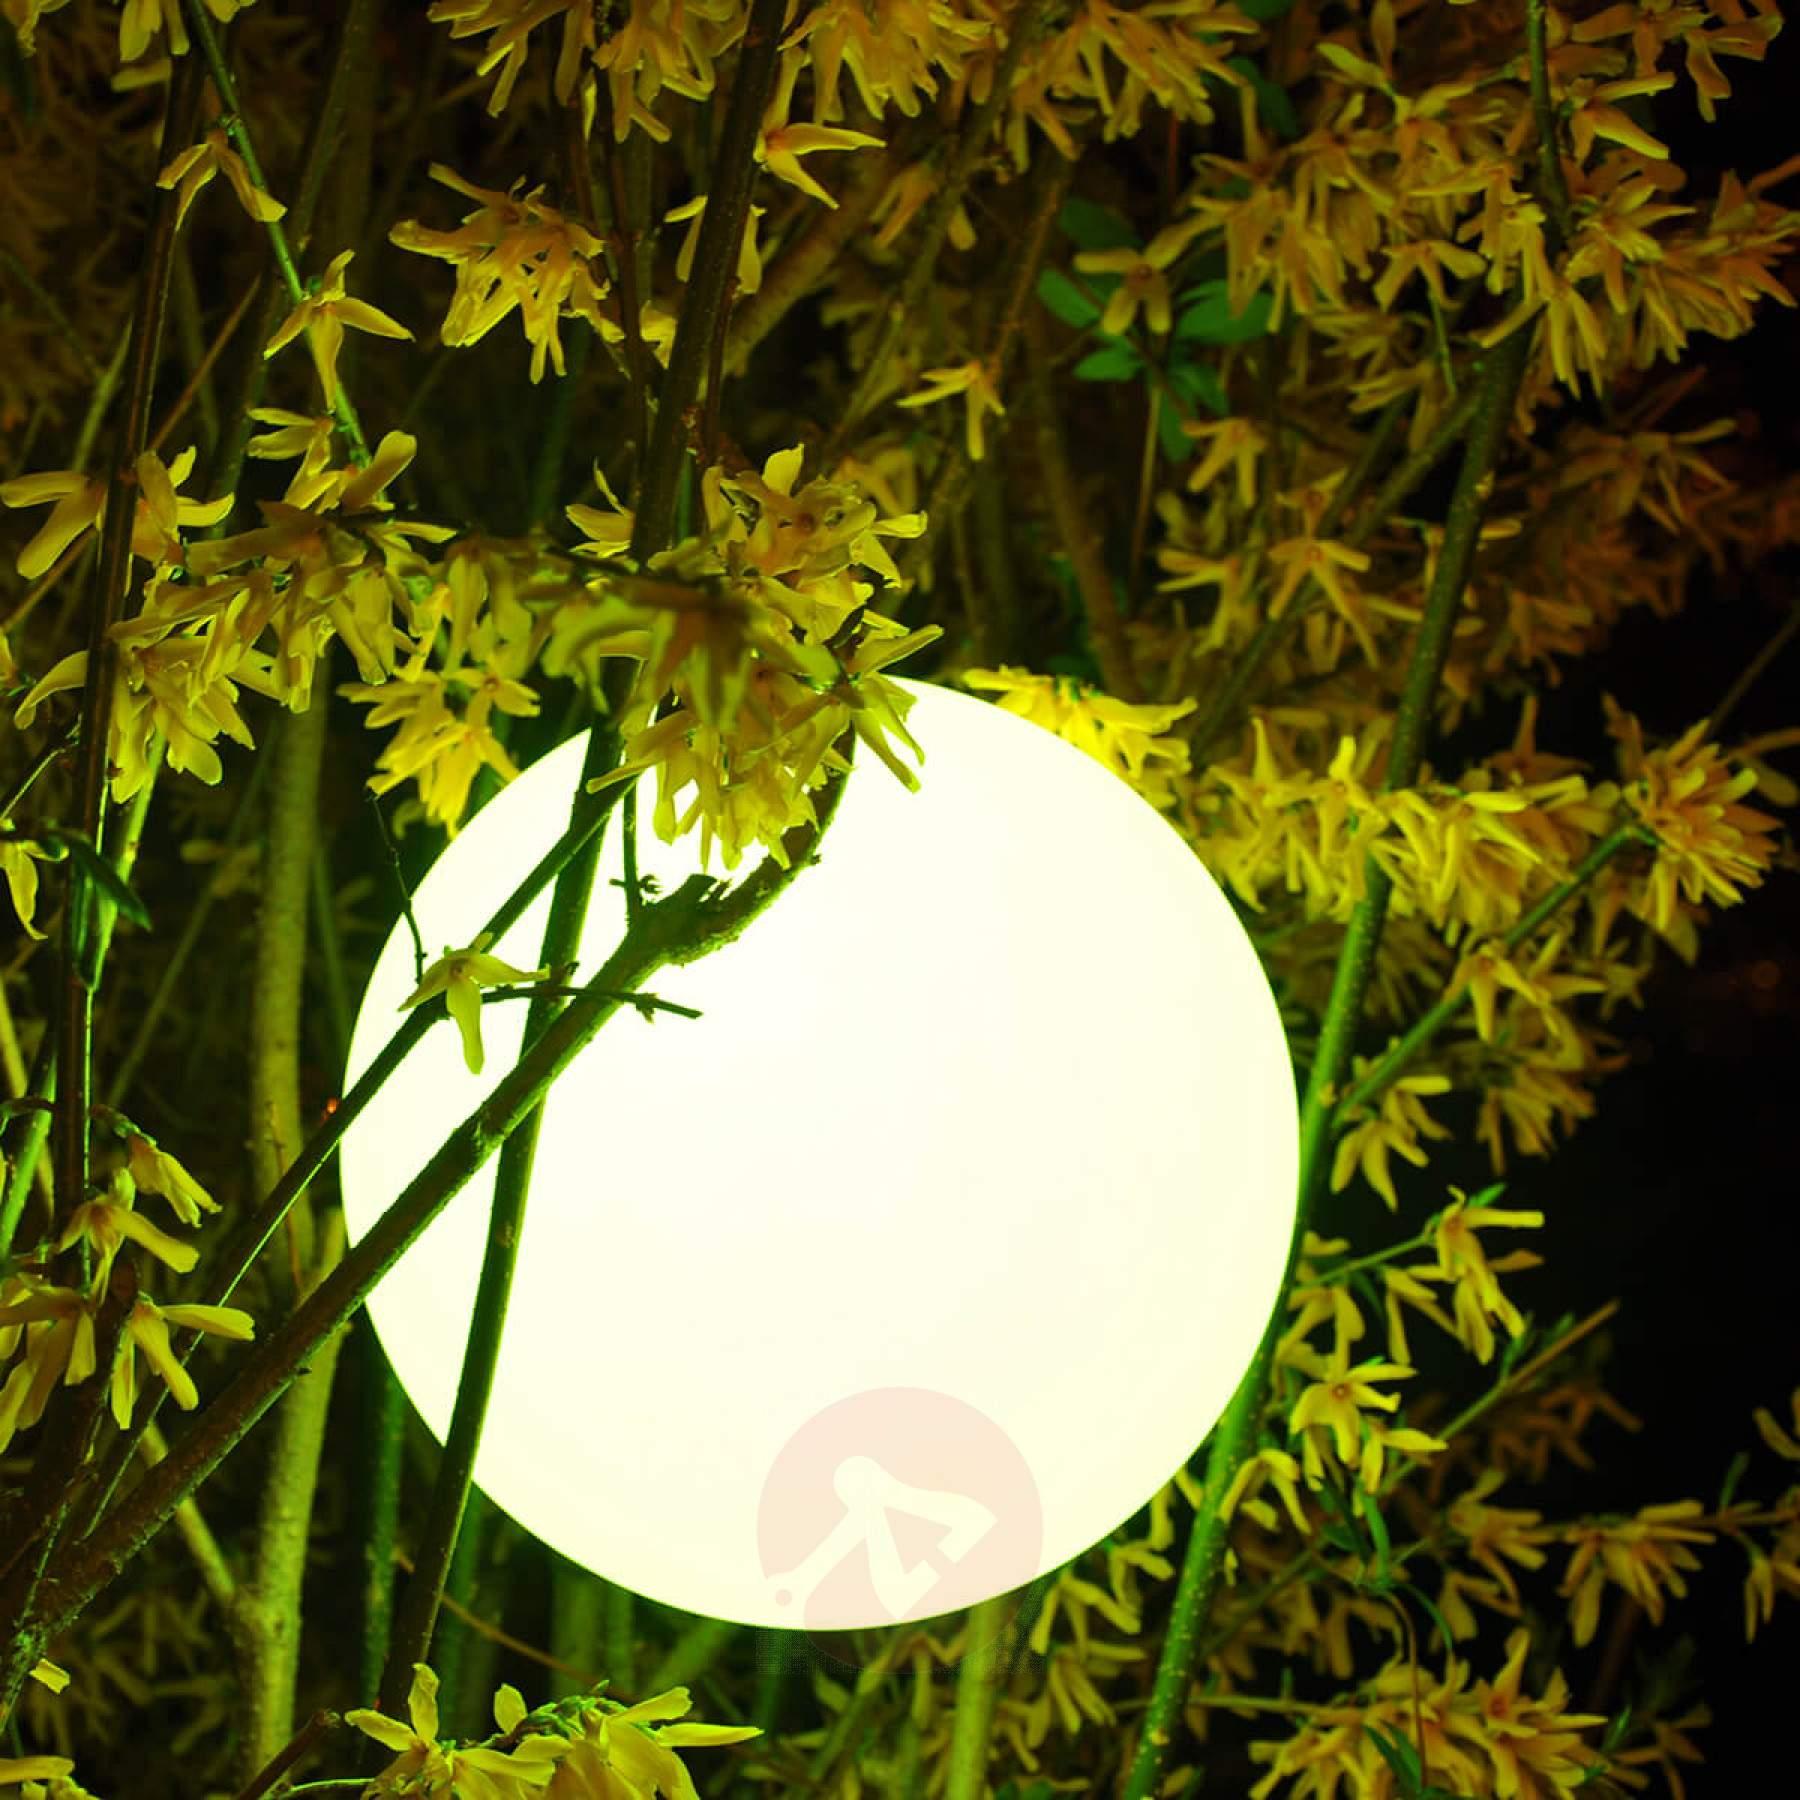 Full Size of Pearl Led Kugelleuchte Beistelltisch Garten Relaxsessel Sonnensegel Holzhaus Kind Bewässerung Automatisch Gartenüberdachung Ausziehtisch Kinderhaus Und Garten Kugelleuchte Garten